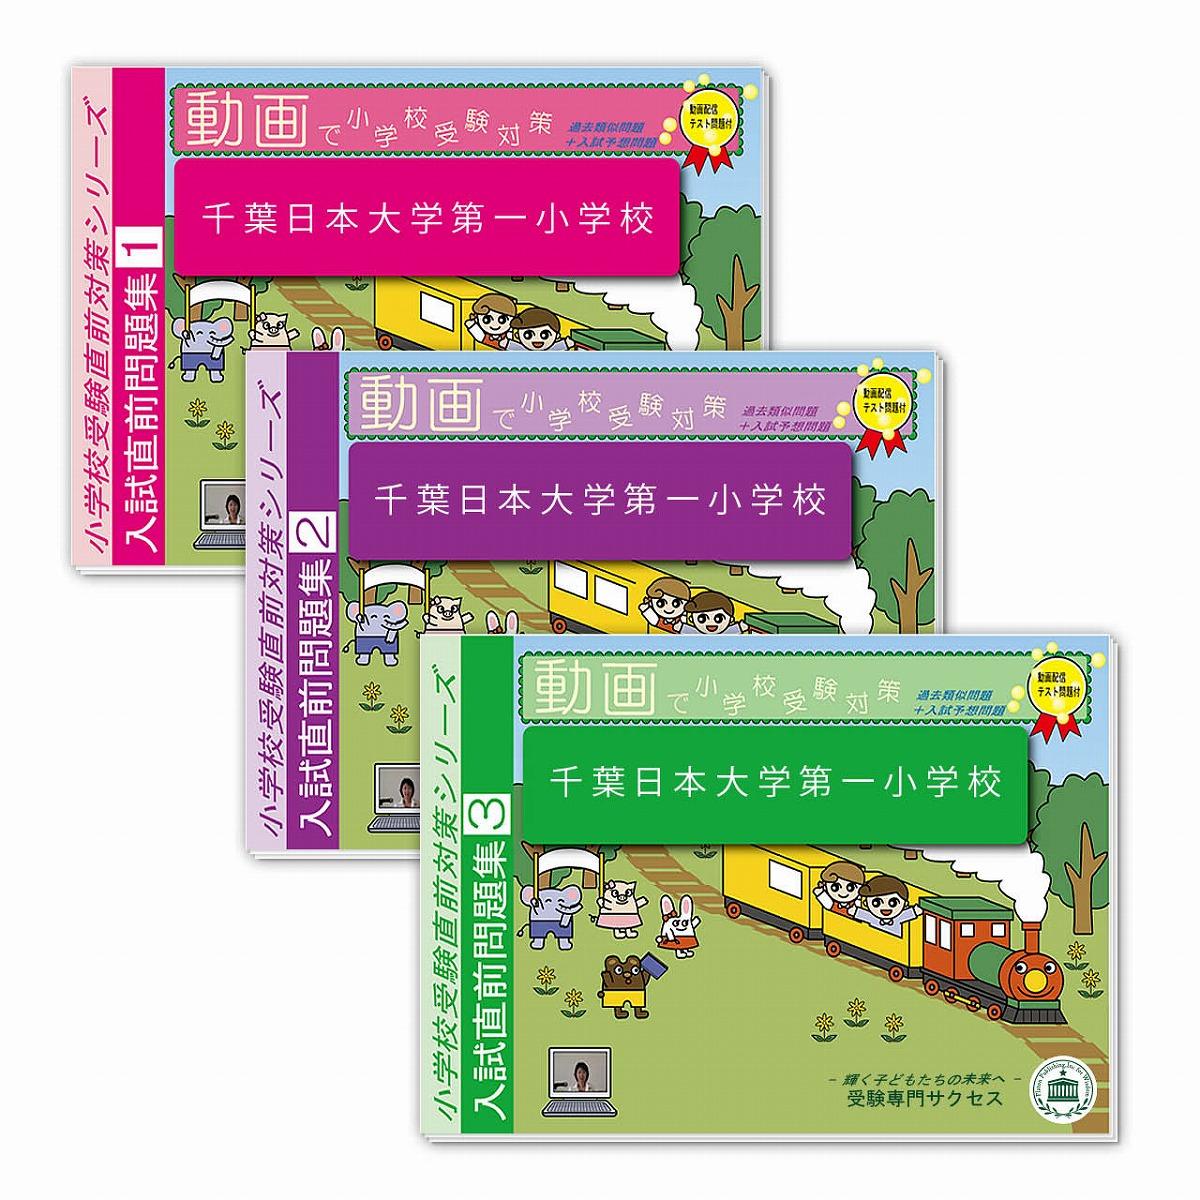 【送料・代引手数料無料】千葉日本大学第一小学校・入試直前問題集